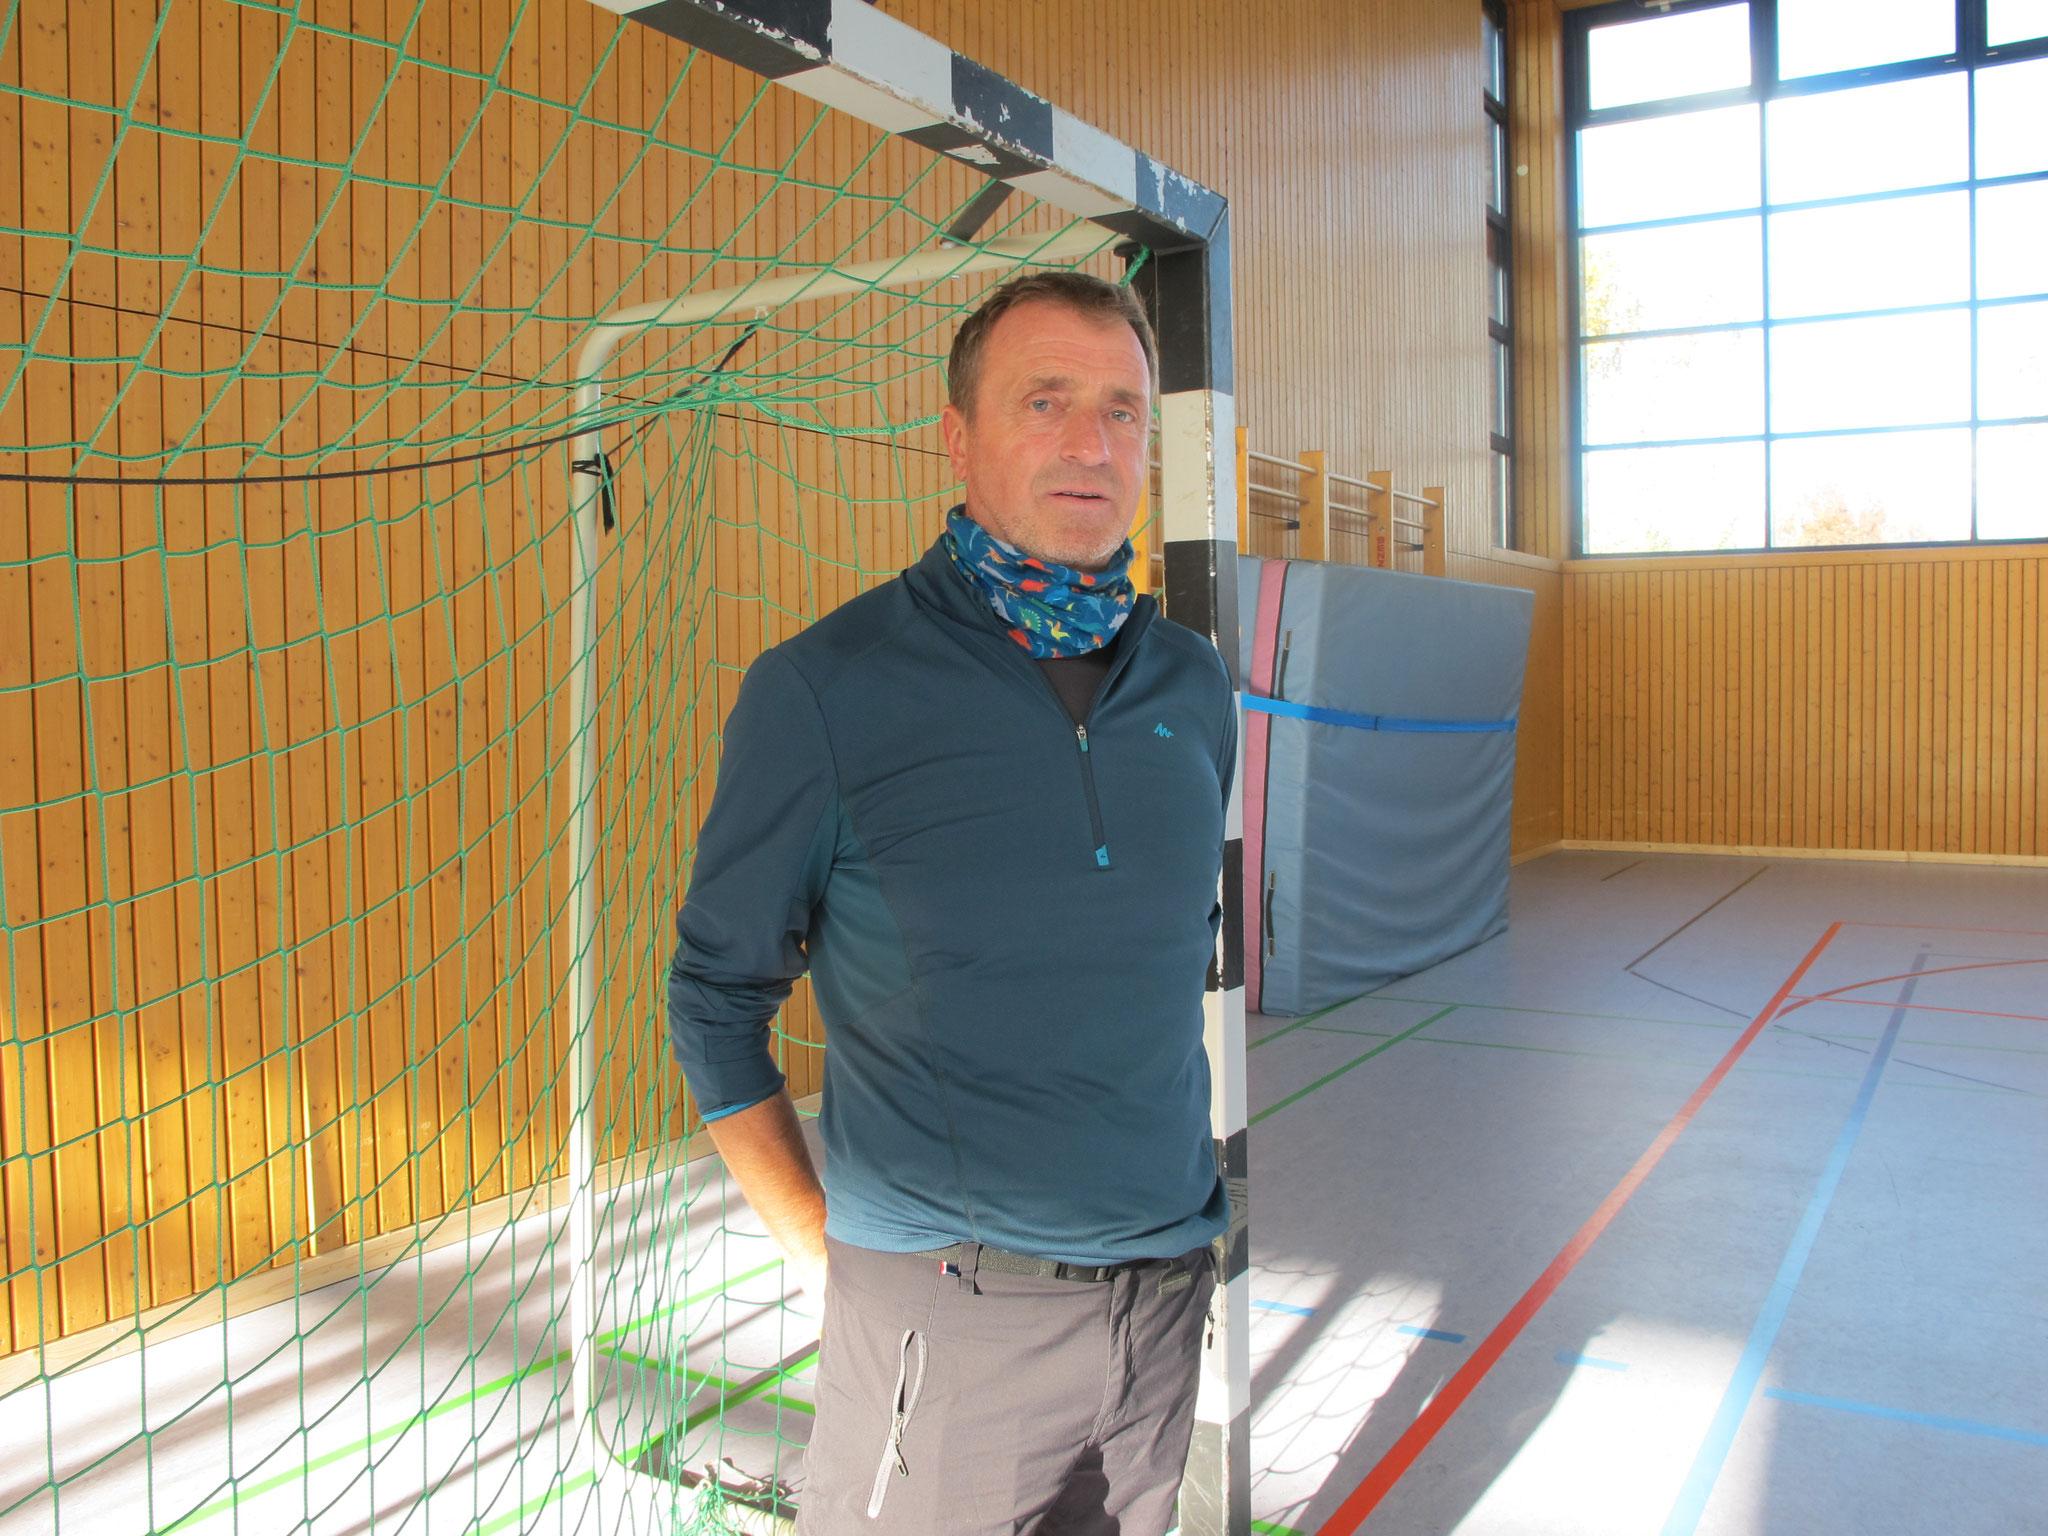 Sportlehrer Jens Hentschel verleiht den Kolibris mitunter Flügel.